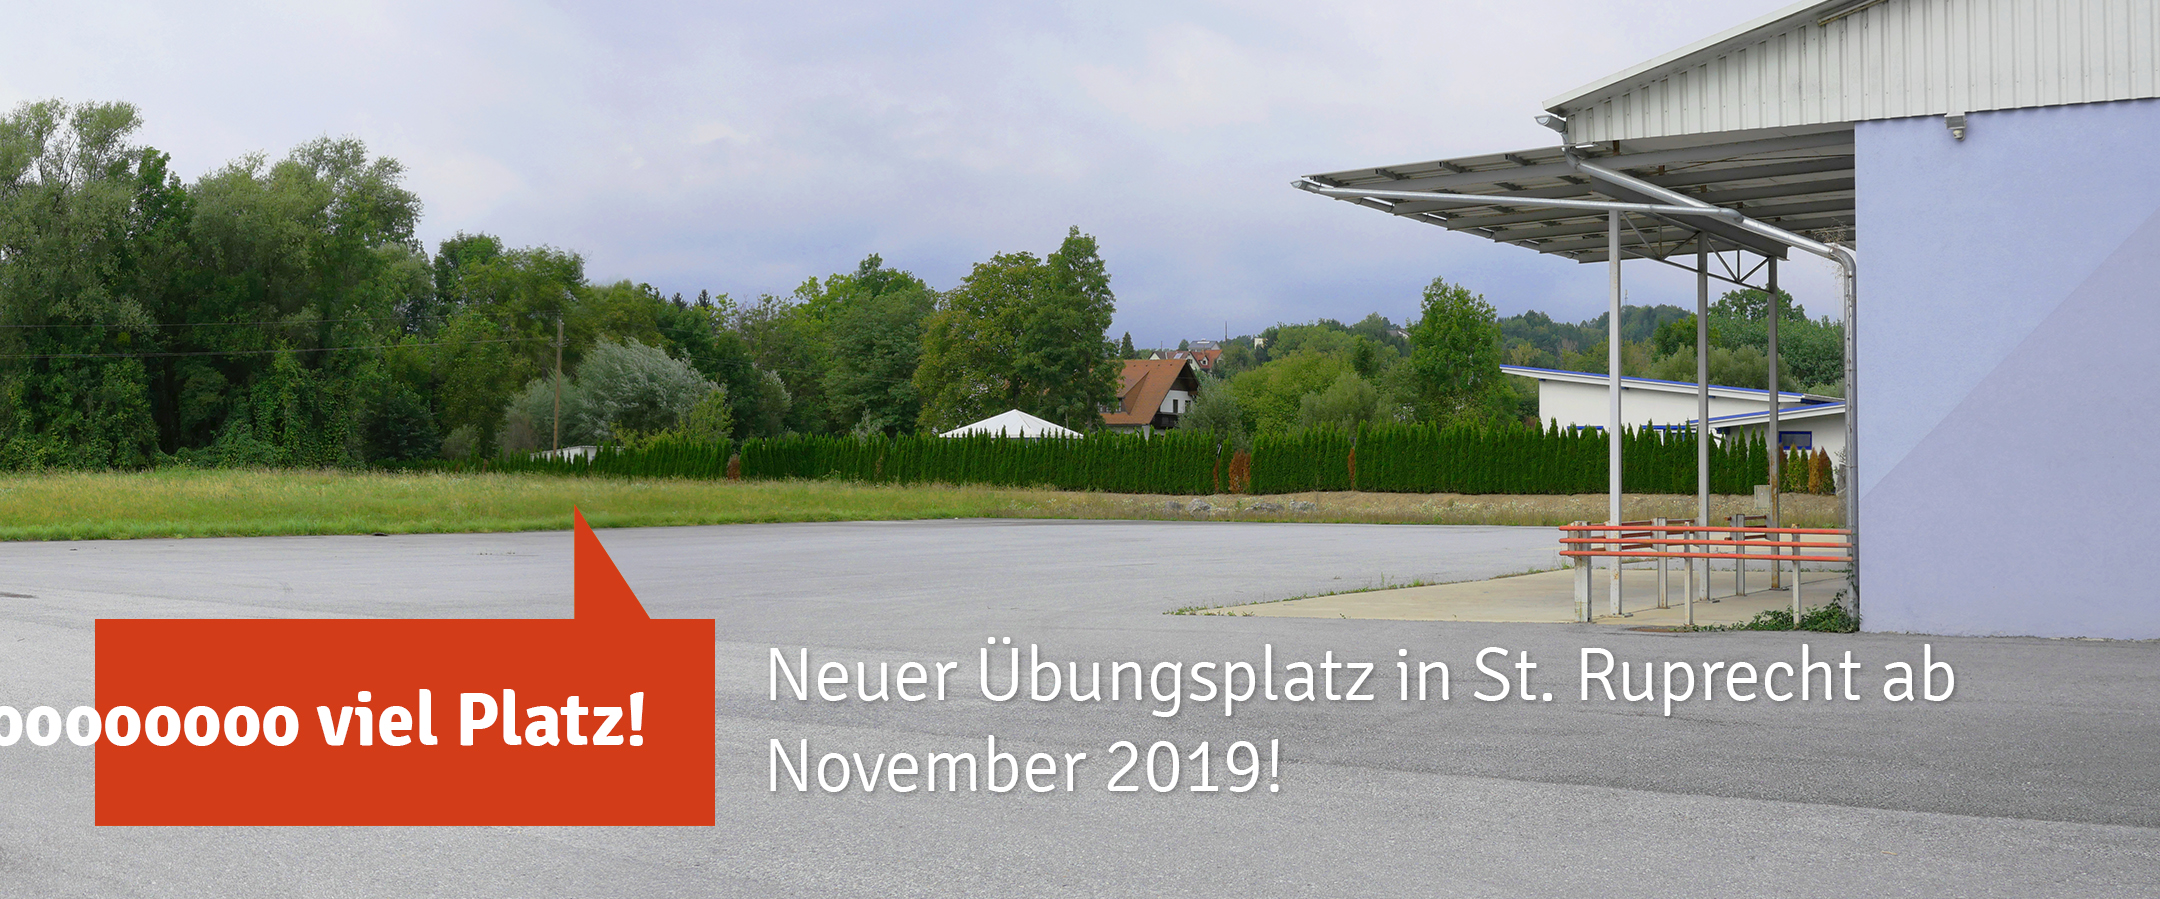 FKK_Ubungsplatz_Slider2